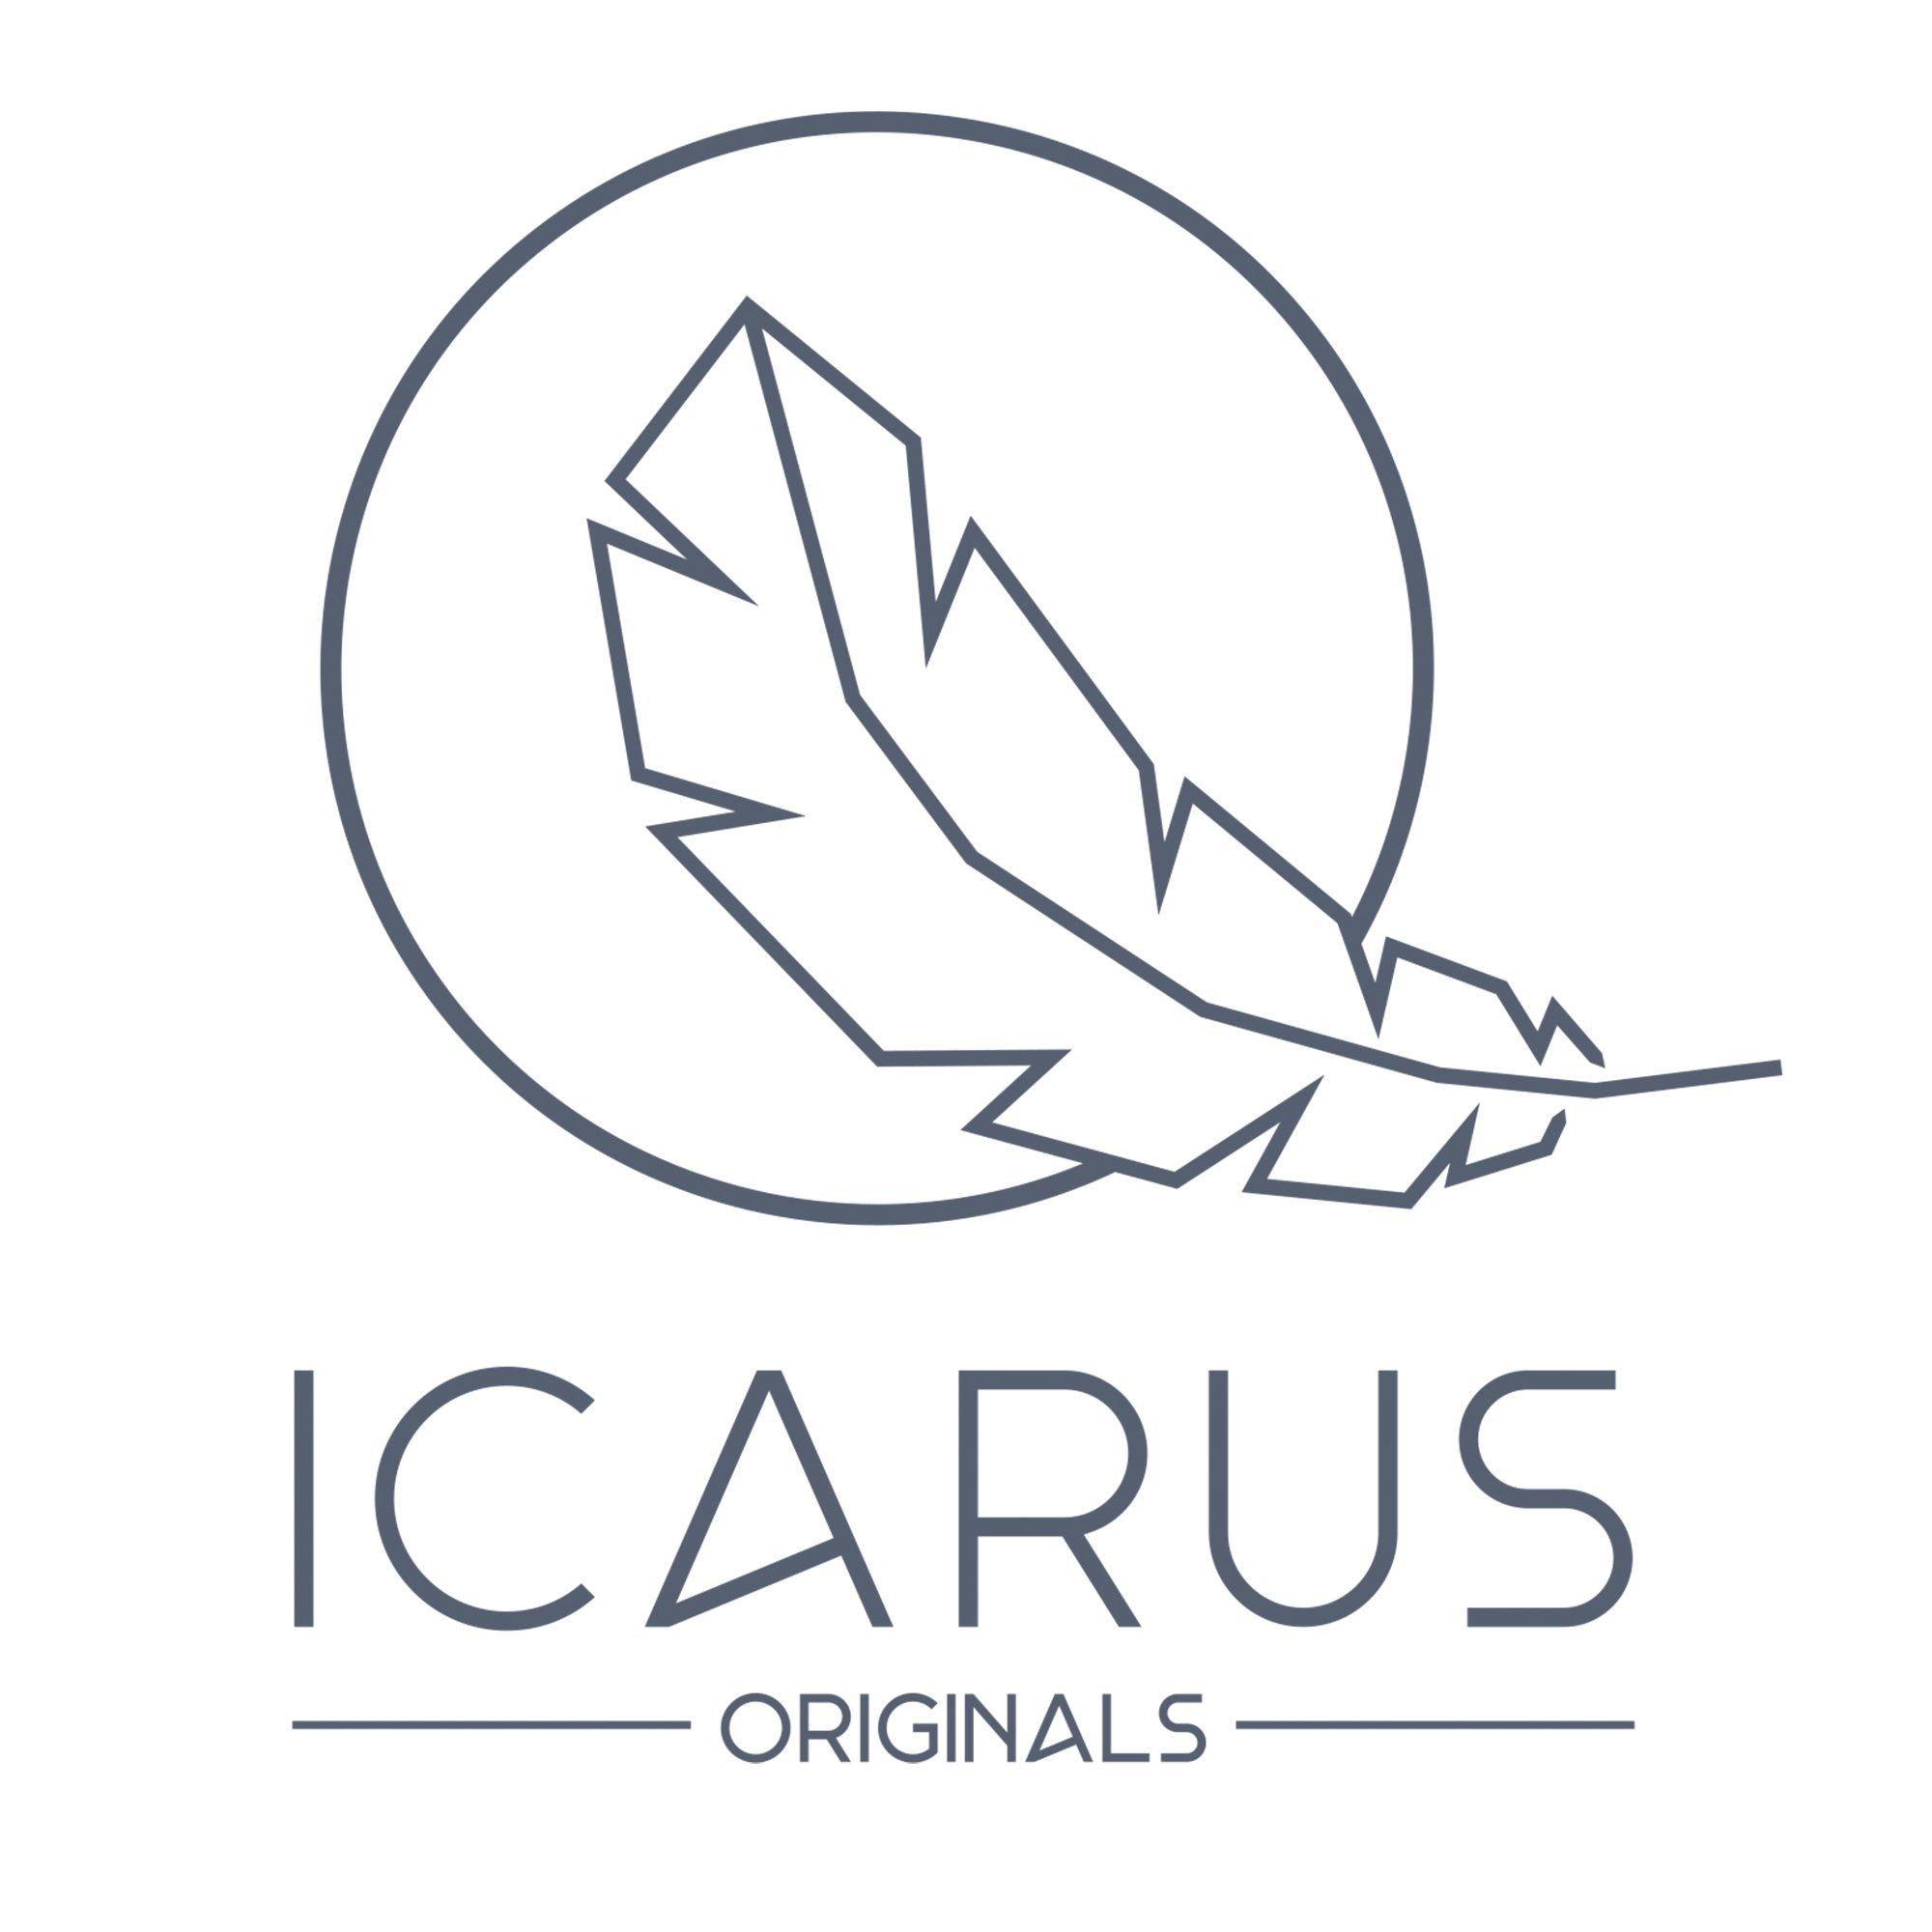 Icarus Originals